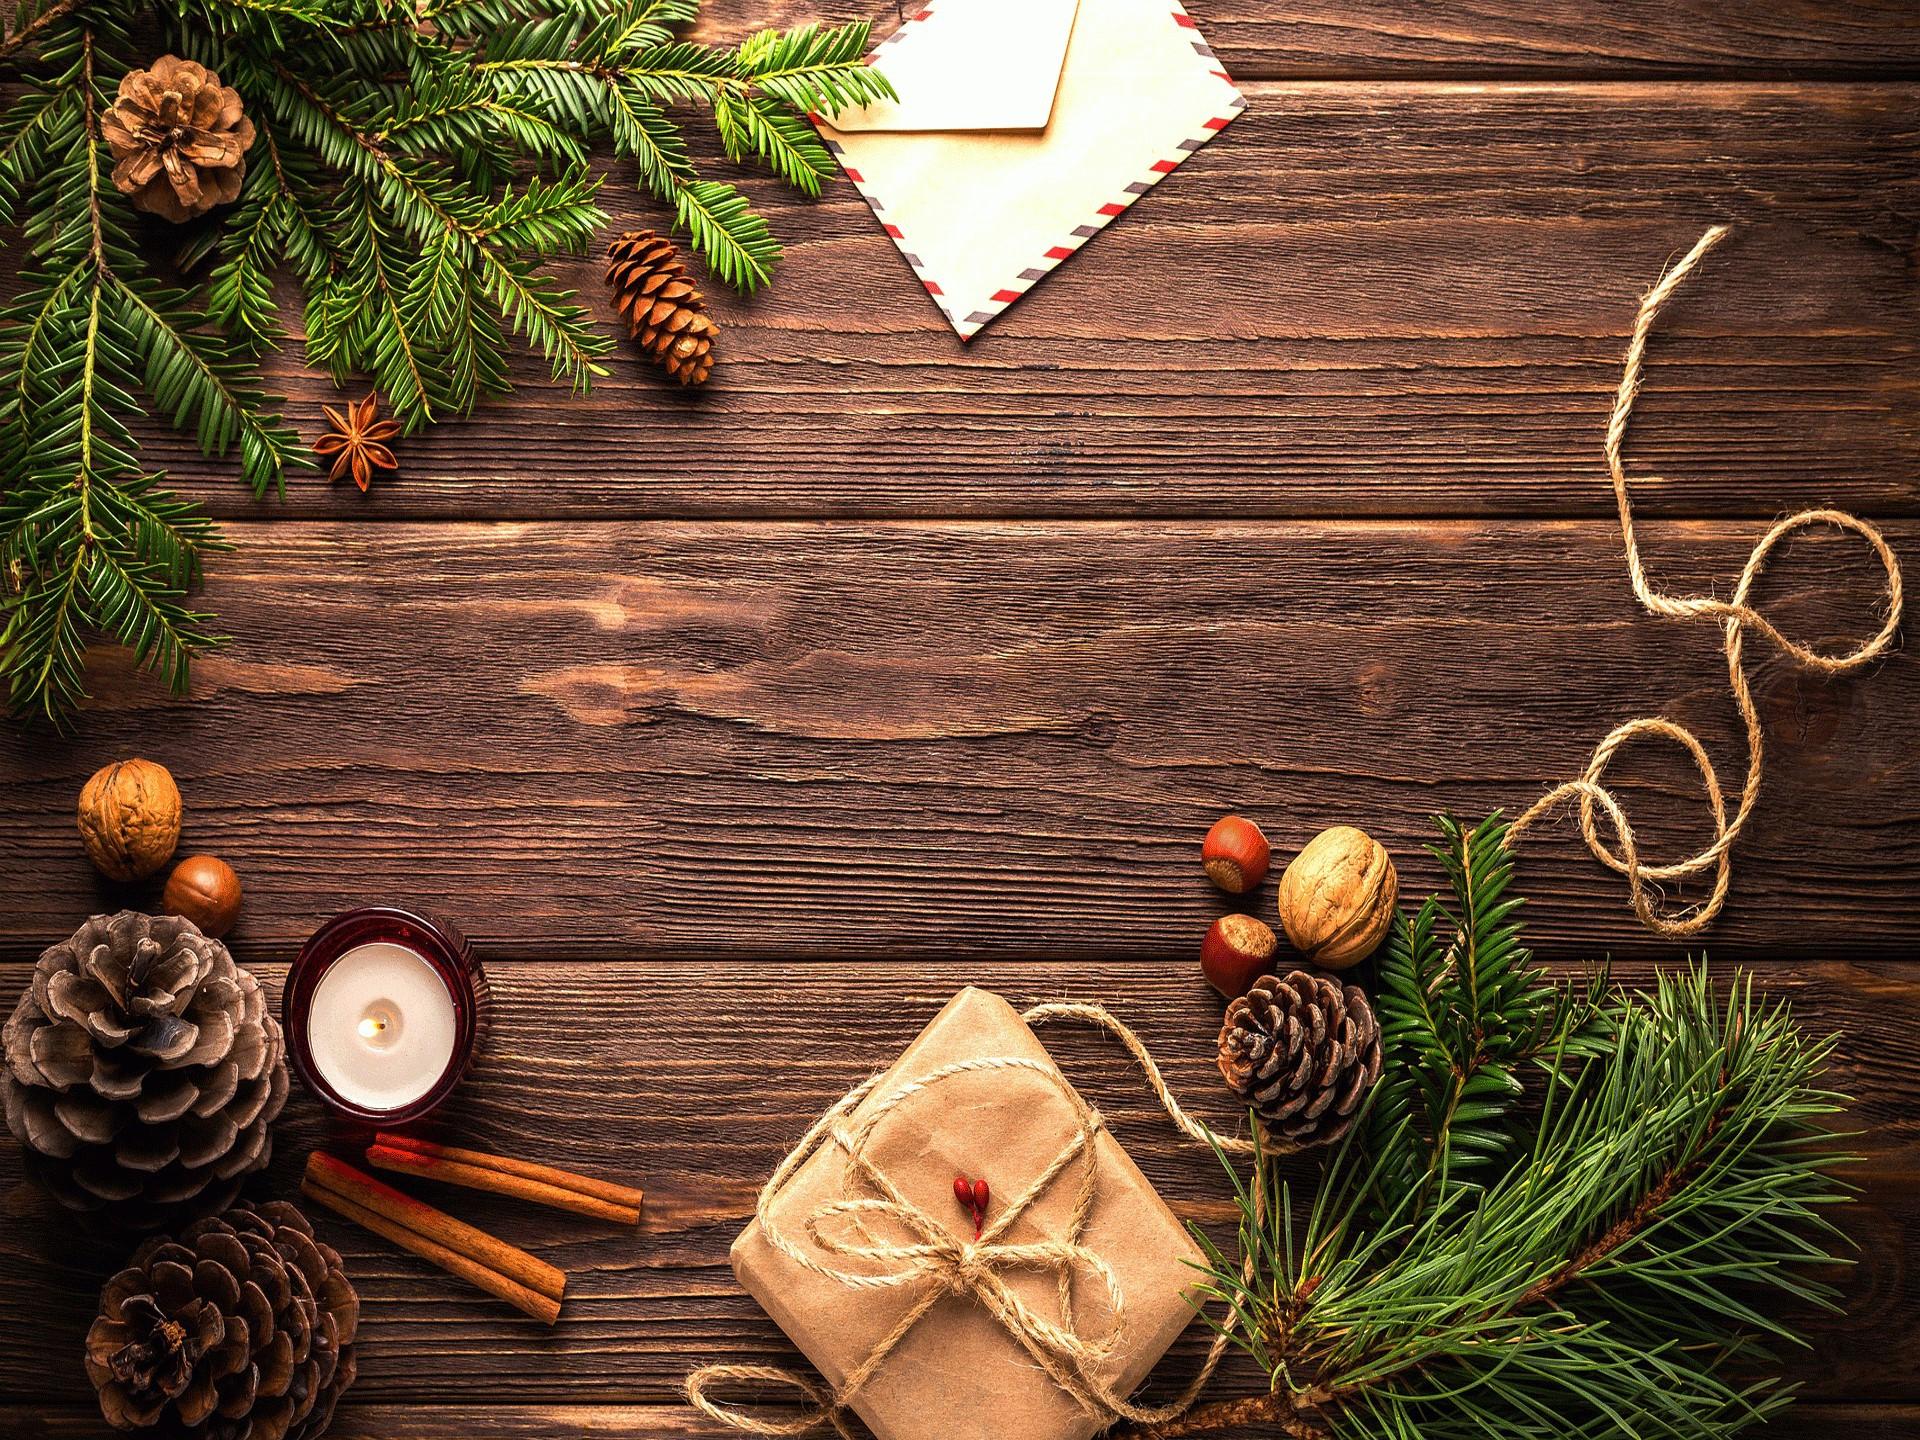 Chaque Noël, environ 83 kilomètres carrés de papier d'emballage se retrouvent dans les poubelles françaises.